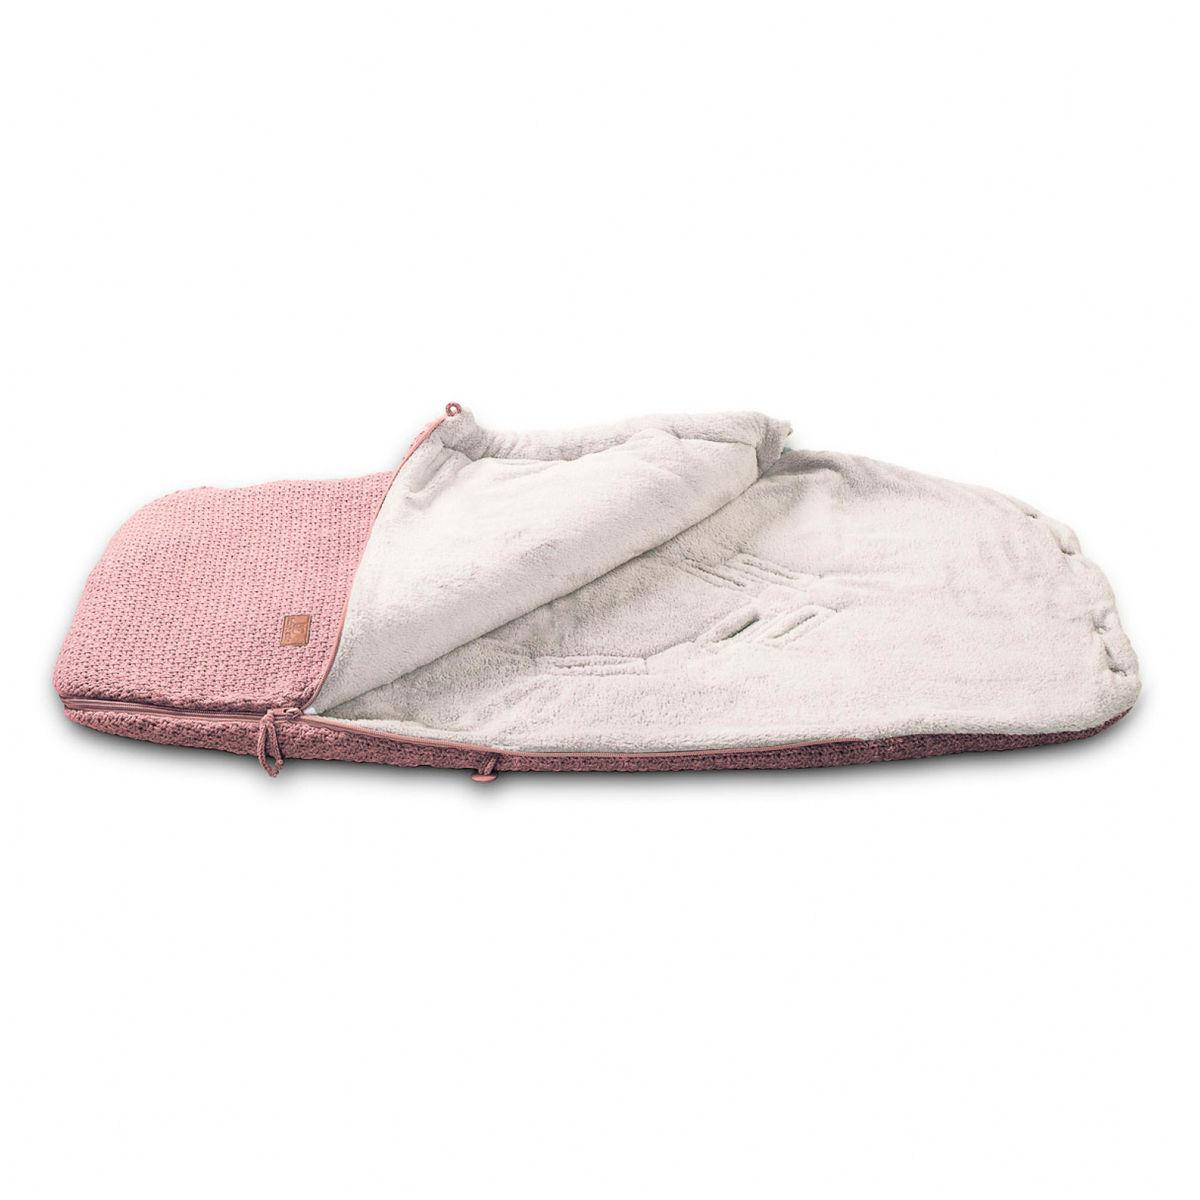 Old Pink - Lämpöpussi turvakaukaloon - 365200001 - 8